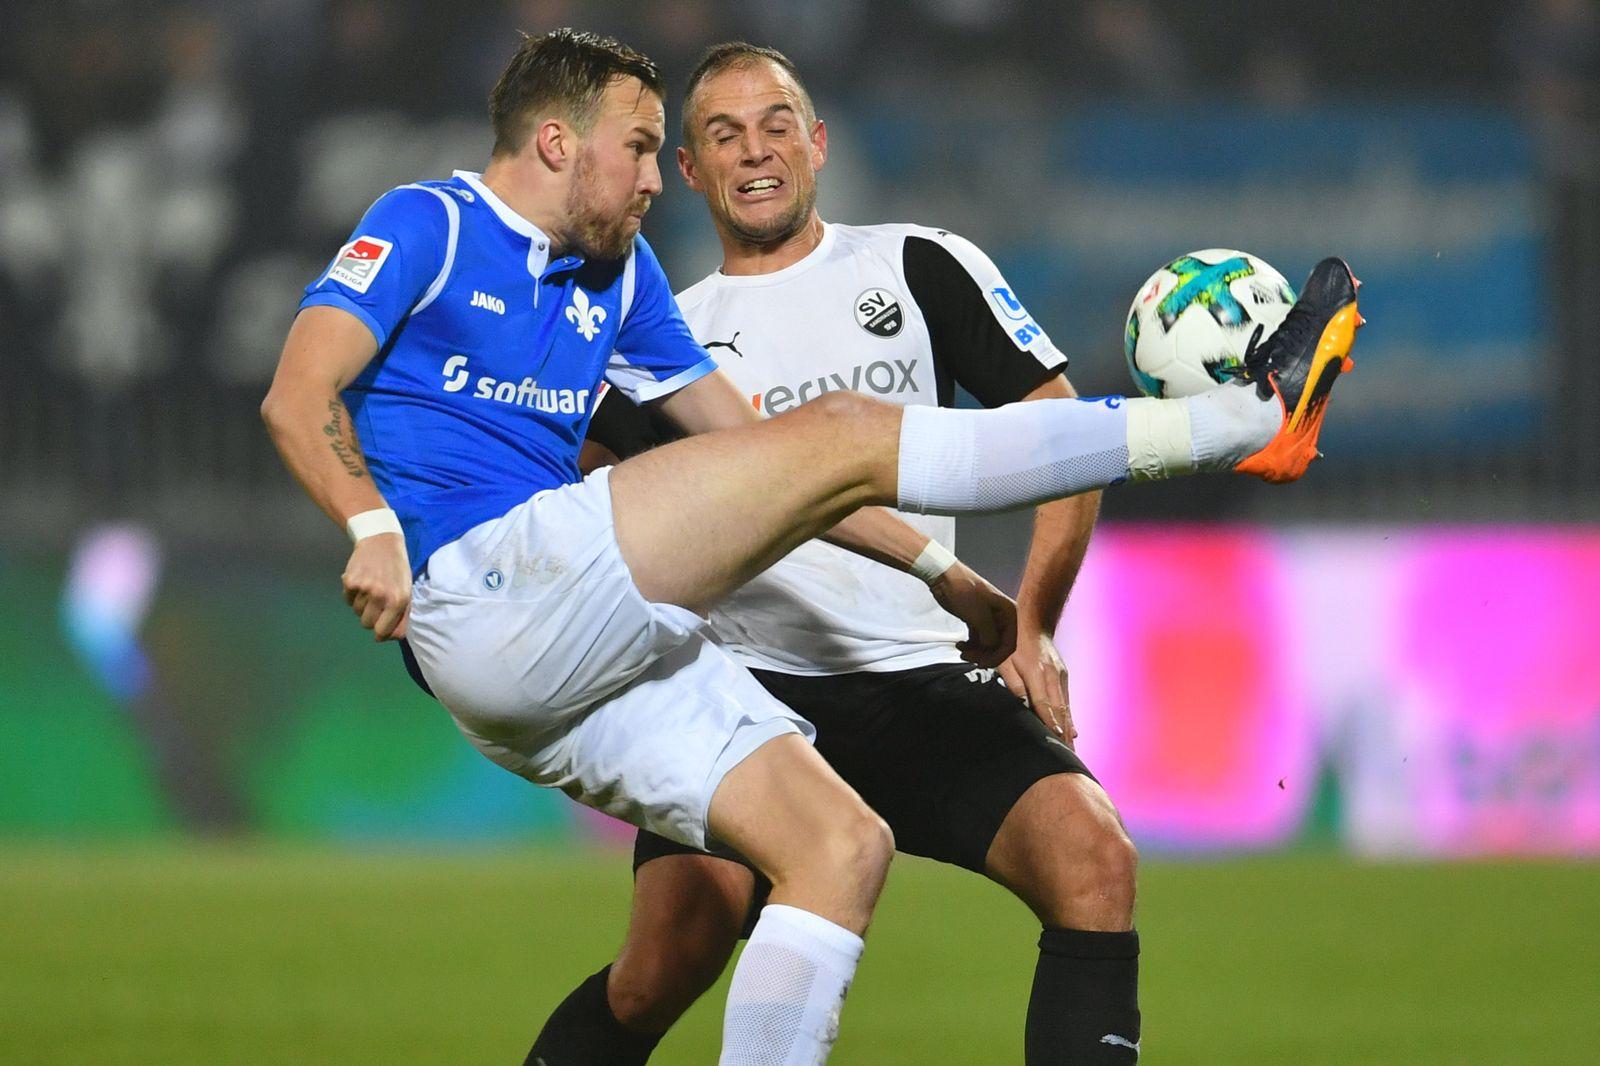 Darmstadt 98 - SV Sandhausen